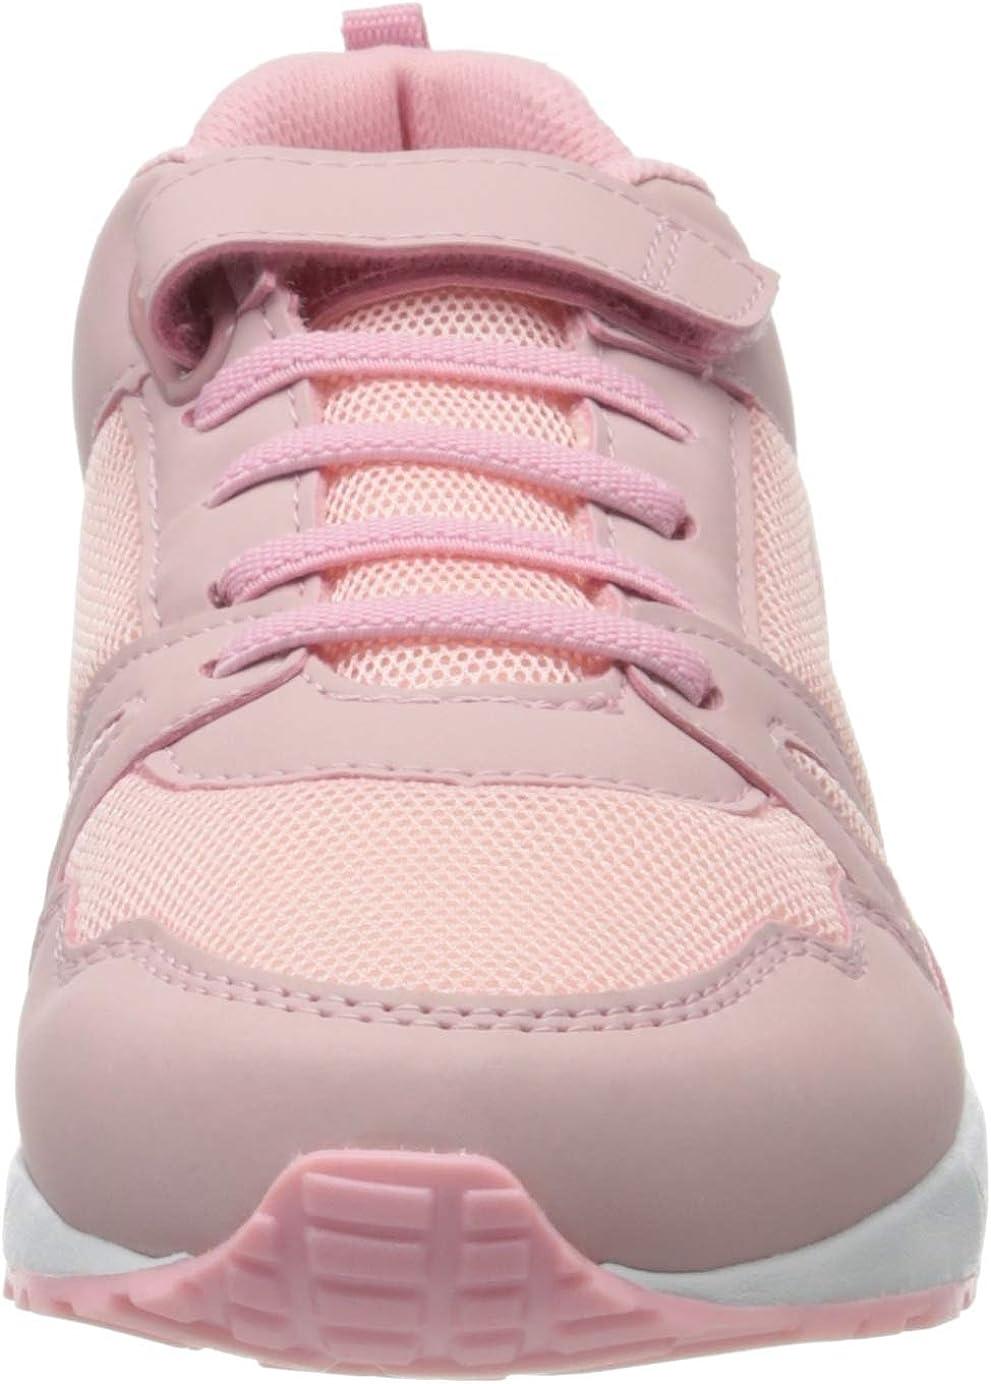 Lico Malton Vs, Zapatillas de Marcha Nórdica para Mujer, Rosa/Weiss, 41 EU: Amazon.es: Zapatos y complementos